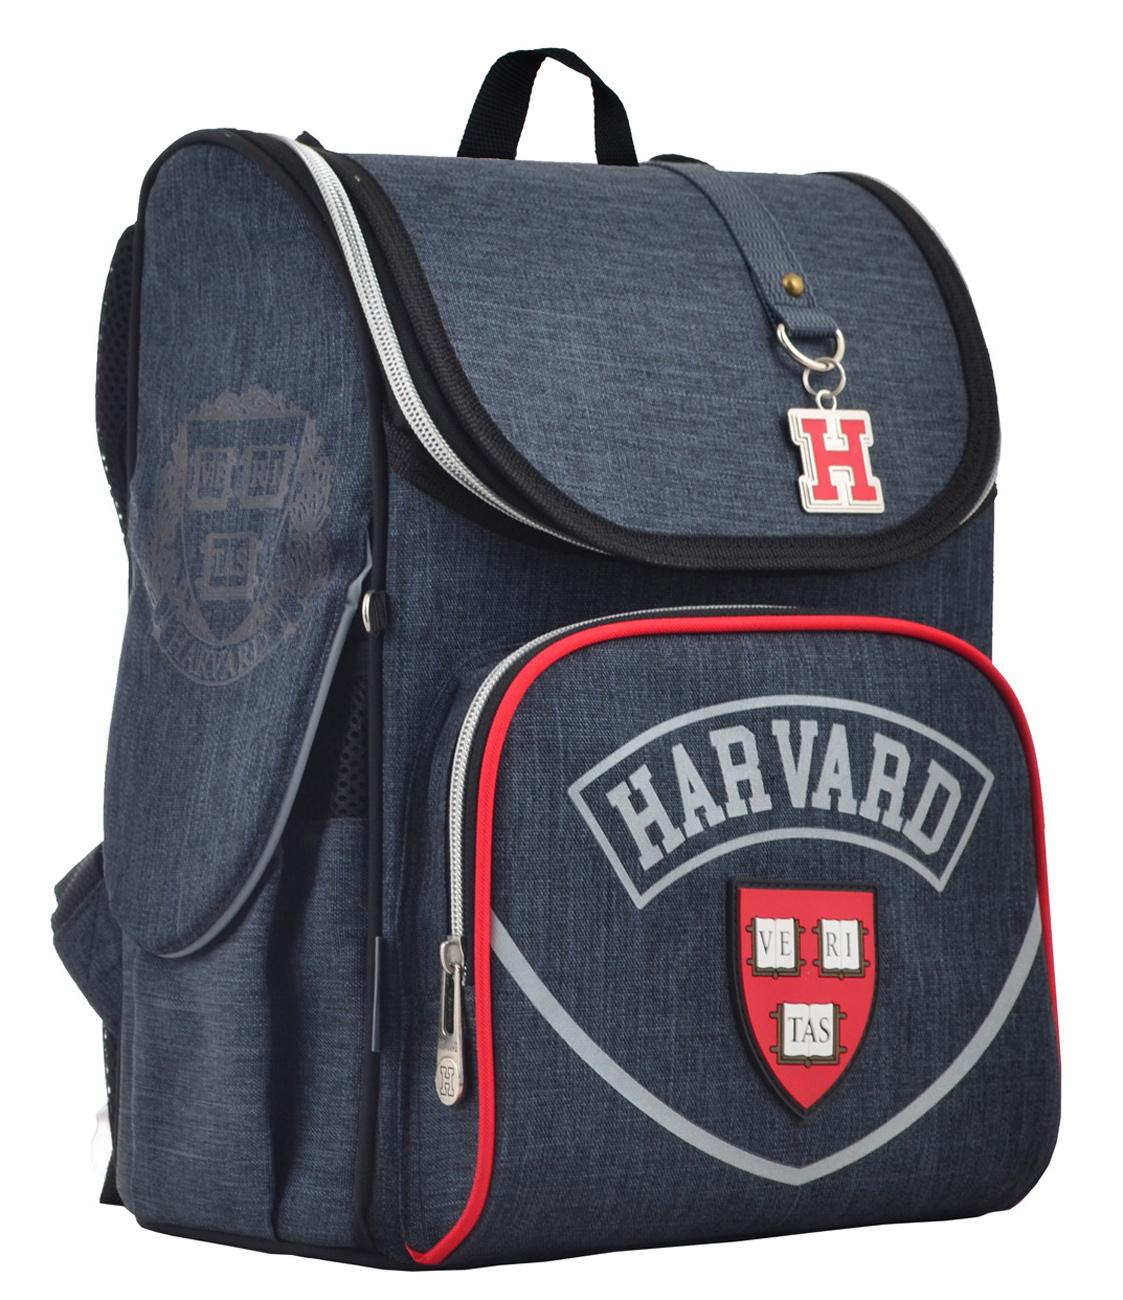 Рюкзак каркасный H-11 Harvard, 33.5*26*13.5